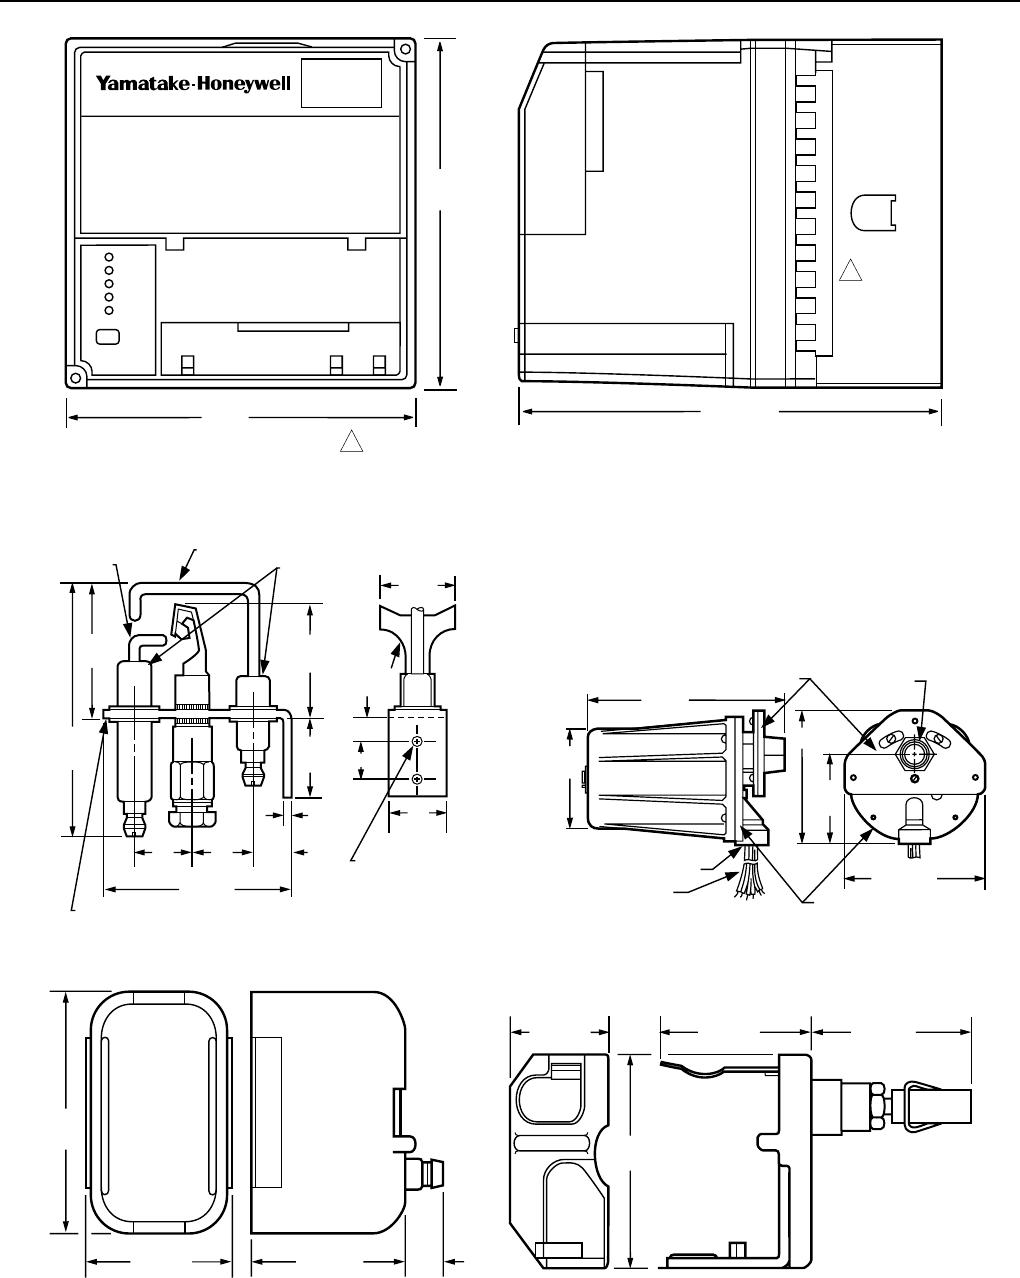 7800 series ec7895a, rm7895a relay module